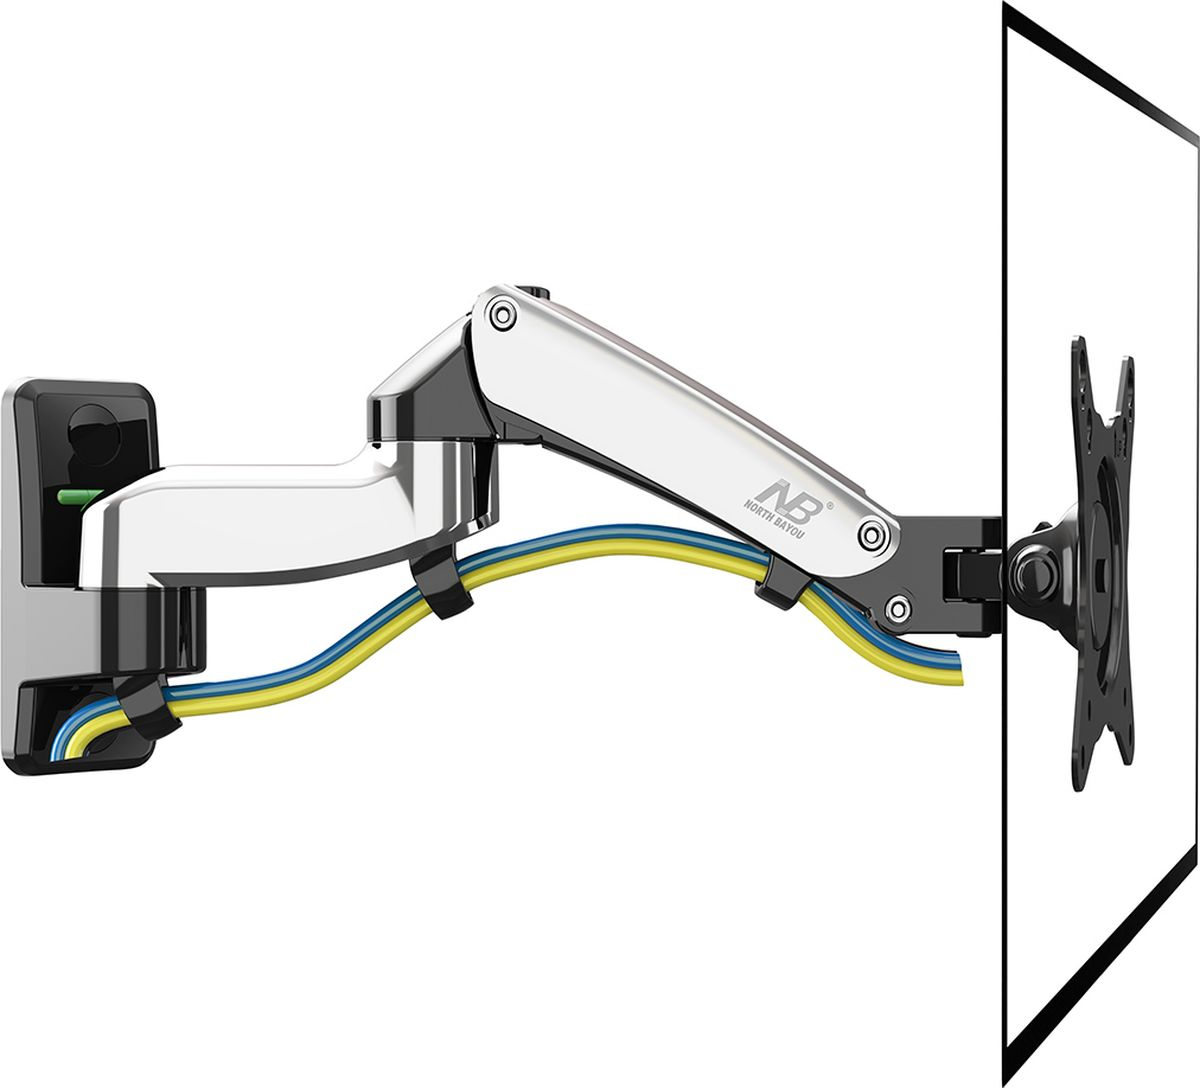 North Bayou NB F150, Chrome кронштейнхромированныйНастенный наклонно-поворотный кронштейн с регулировкой по высоте North Bayou NB F150 подходит для телевизоров с диагональю 17-27 и является самым компактным и лёгким из линейки кронштейнов NB серии F с тремя степенями свободы, выделяясь тем, что рассчитан на небольшие телевизоры с весом от 2 до 7 кг. Благодаря встроенной газовой пружине вы можете с лёгкостью перемещать телевизор не только влево и вправо, но и вверх и вниз, при этом не прилагая усилий и не производя дополнительной фиксации. Именно технологии надёжных осевых соединений с газовой пружиной позволят вам отрегулировать положение телевизора для самого комфортного просмотра.